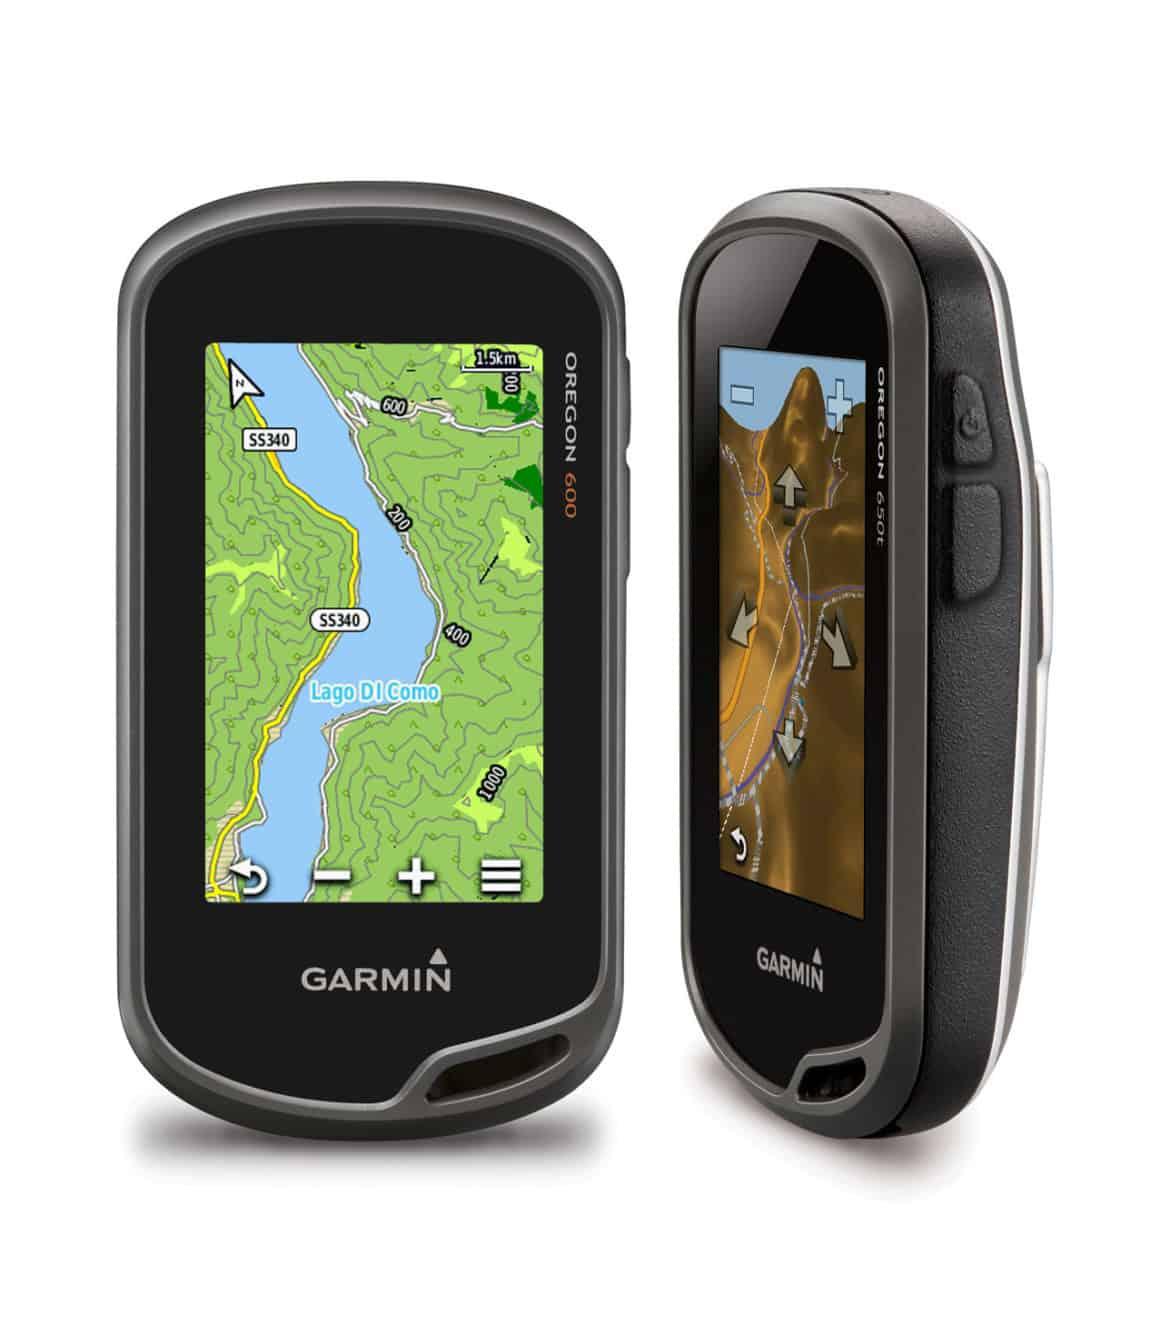 I nuovi GPS OREGON regalano sicurezza nelle attività outdoor